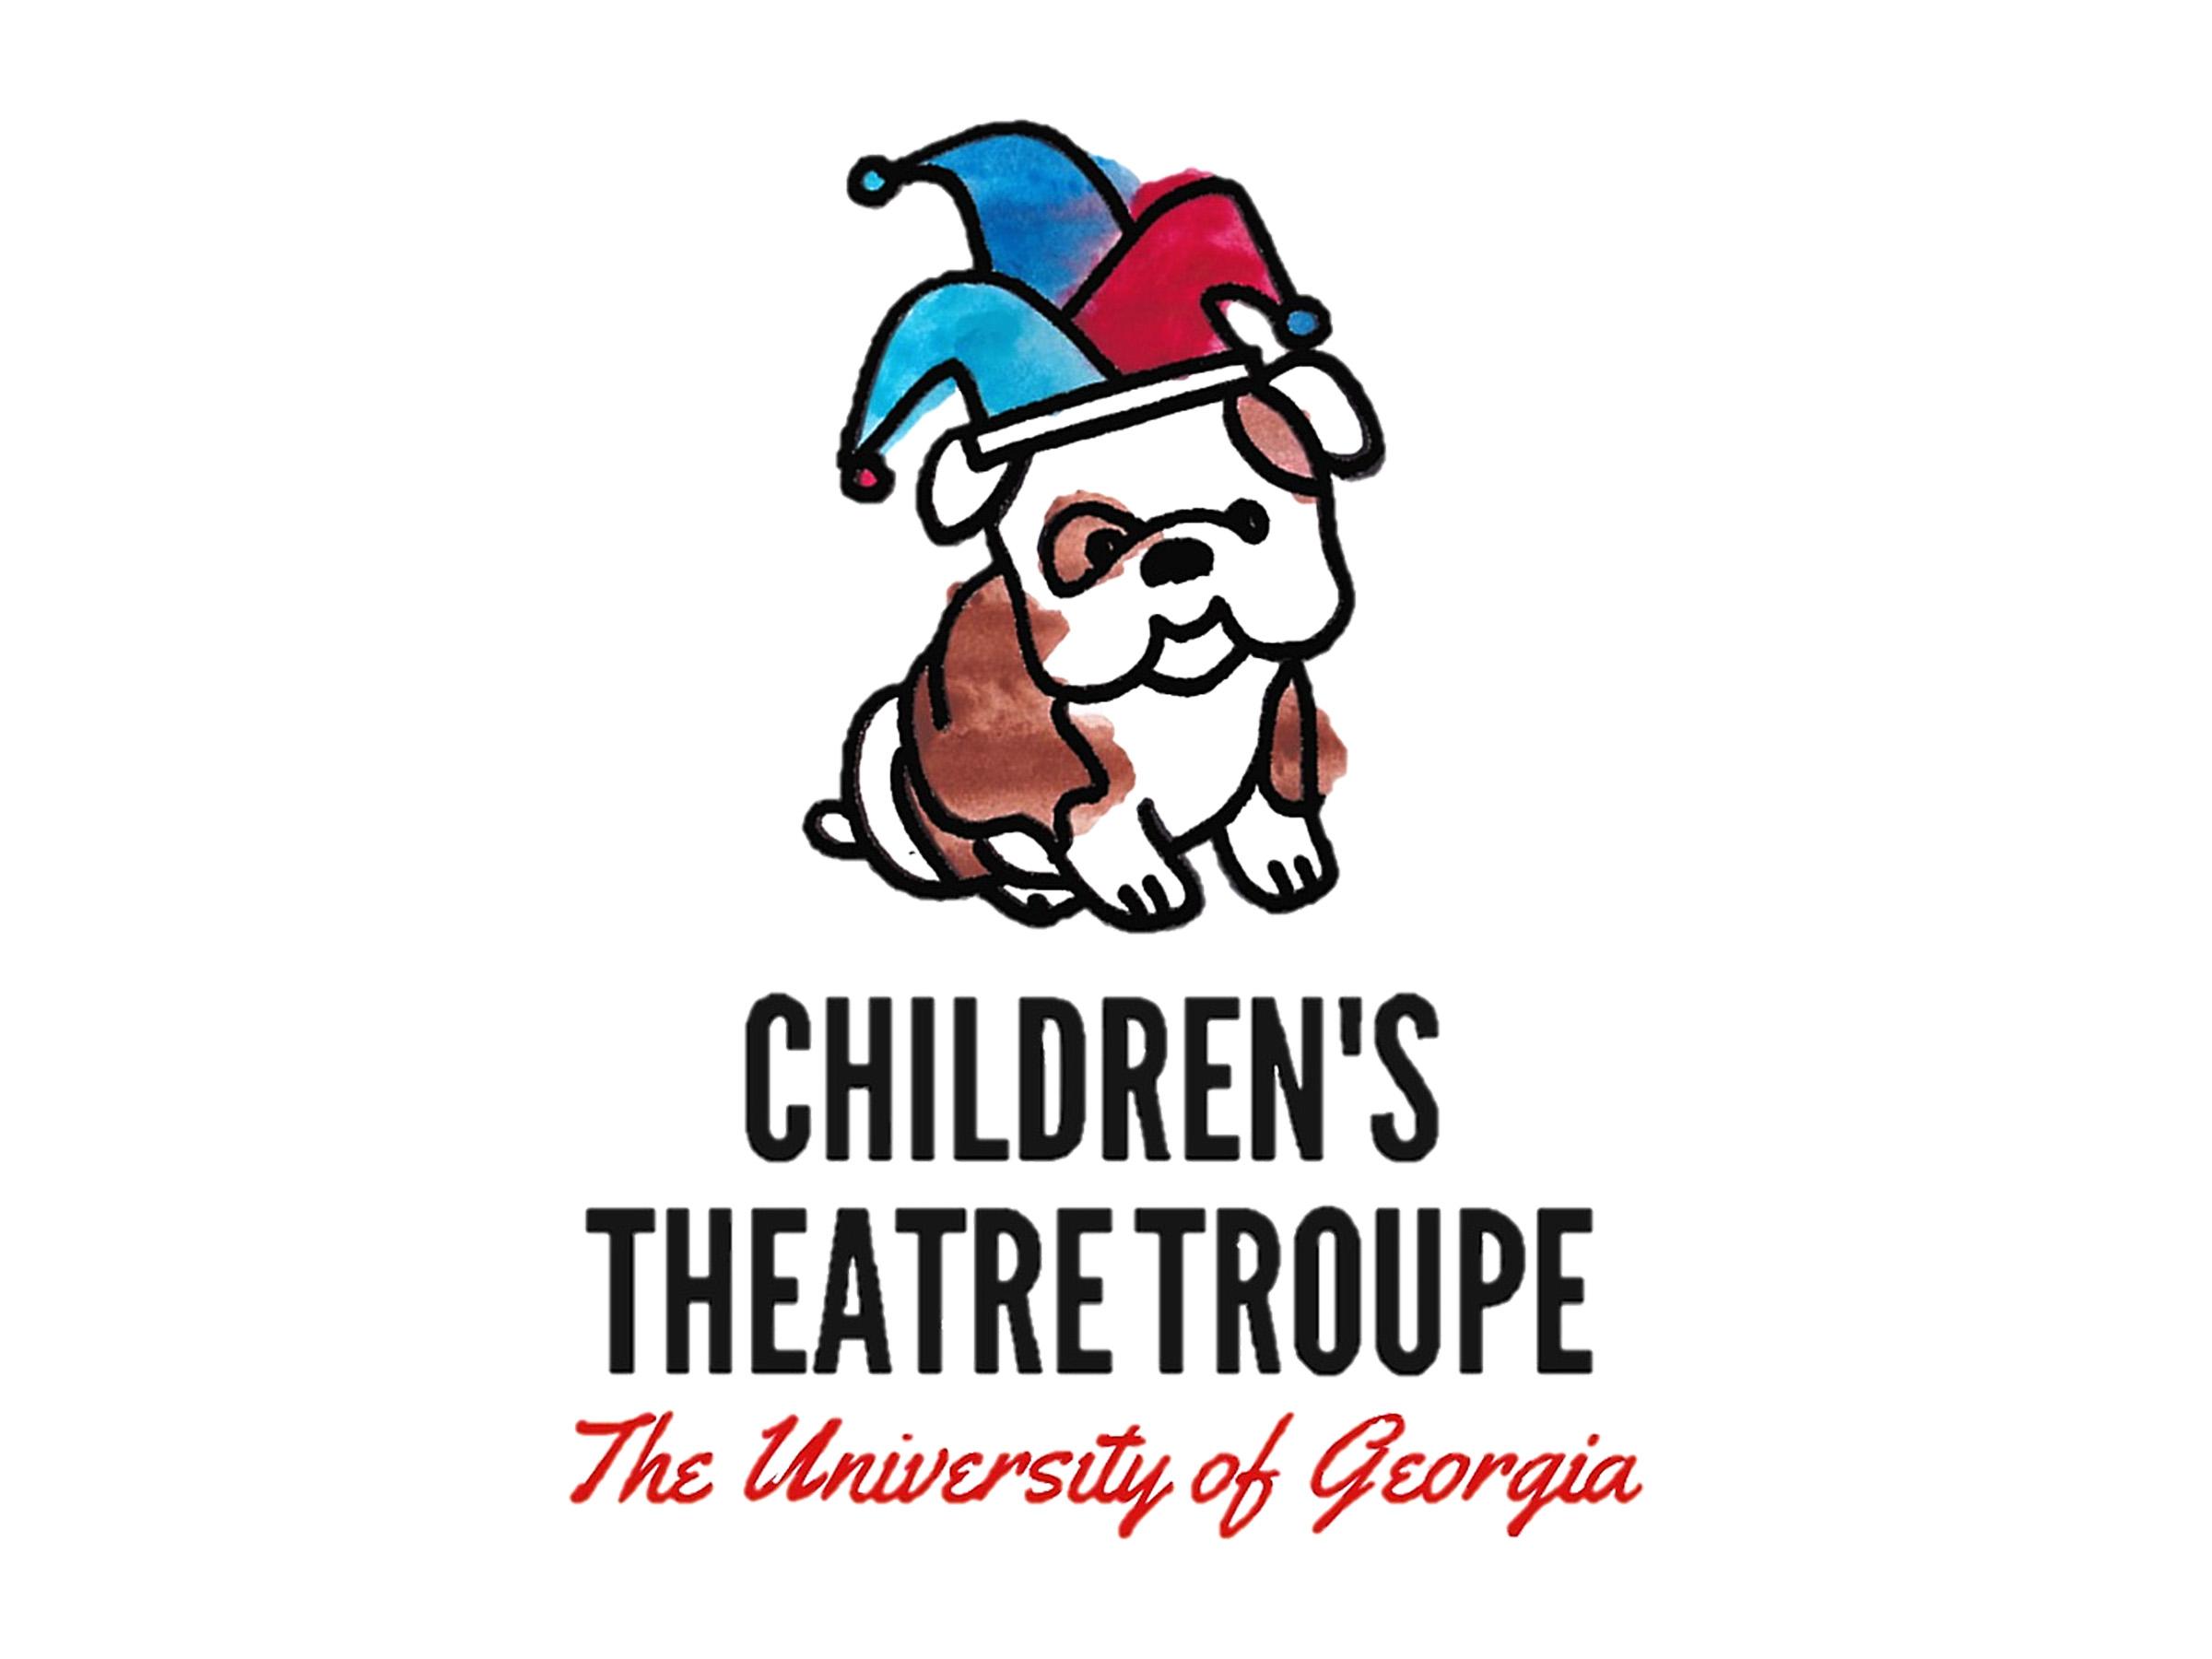 - CHILDREN'S THEATRE TROUPE